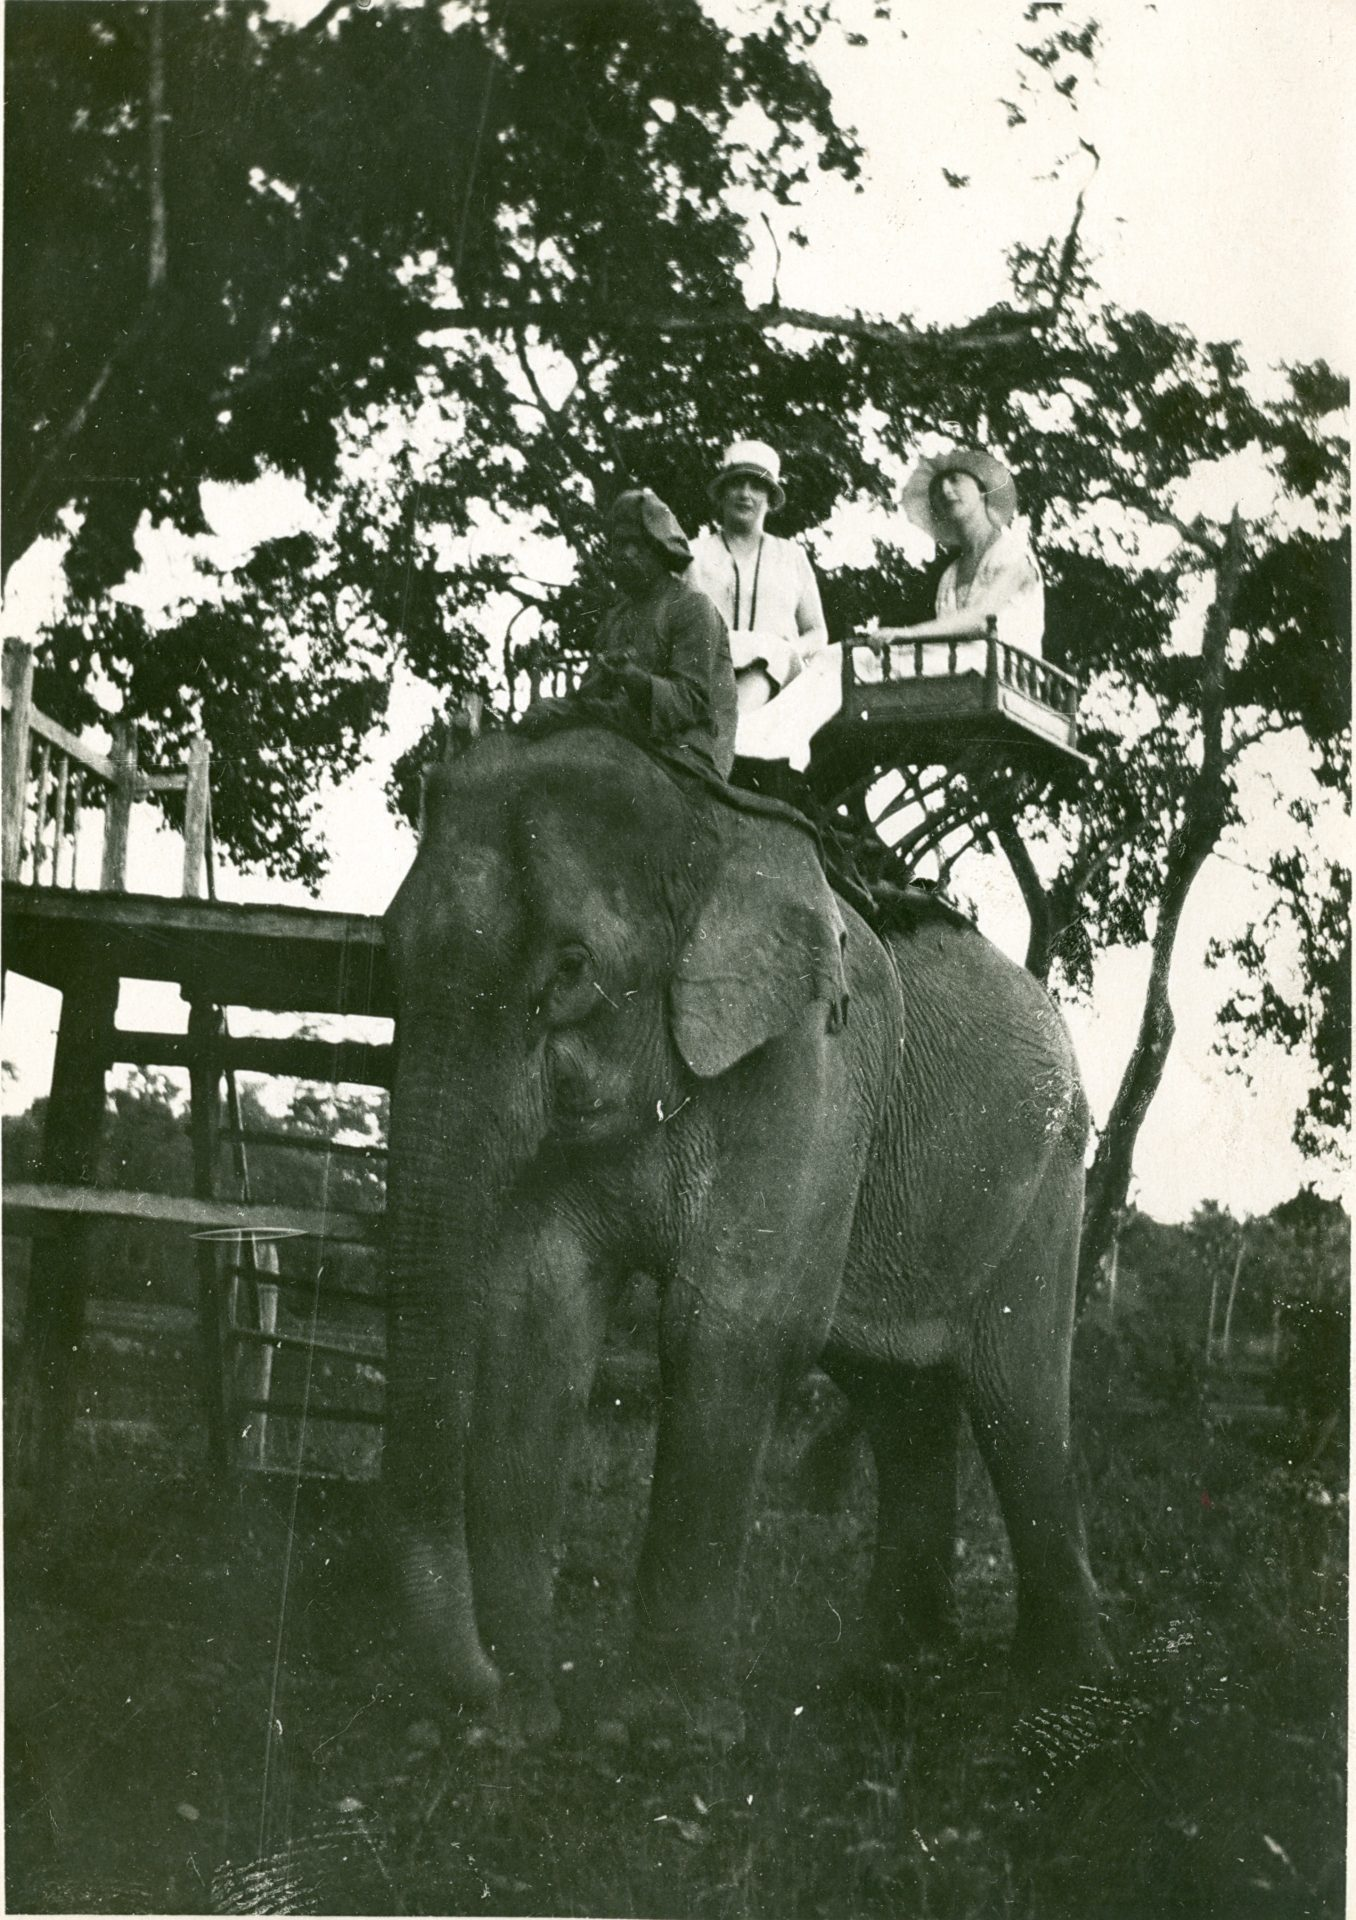 Une promenade à éléphant. Il pourrait s'agir de Marguerite Migeot et de Mme Première Varenne- Angkor Vât - Septembre 1927